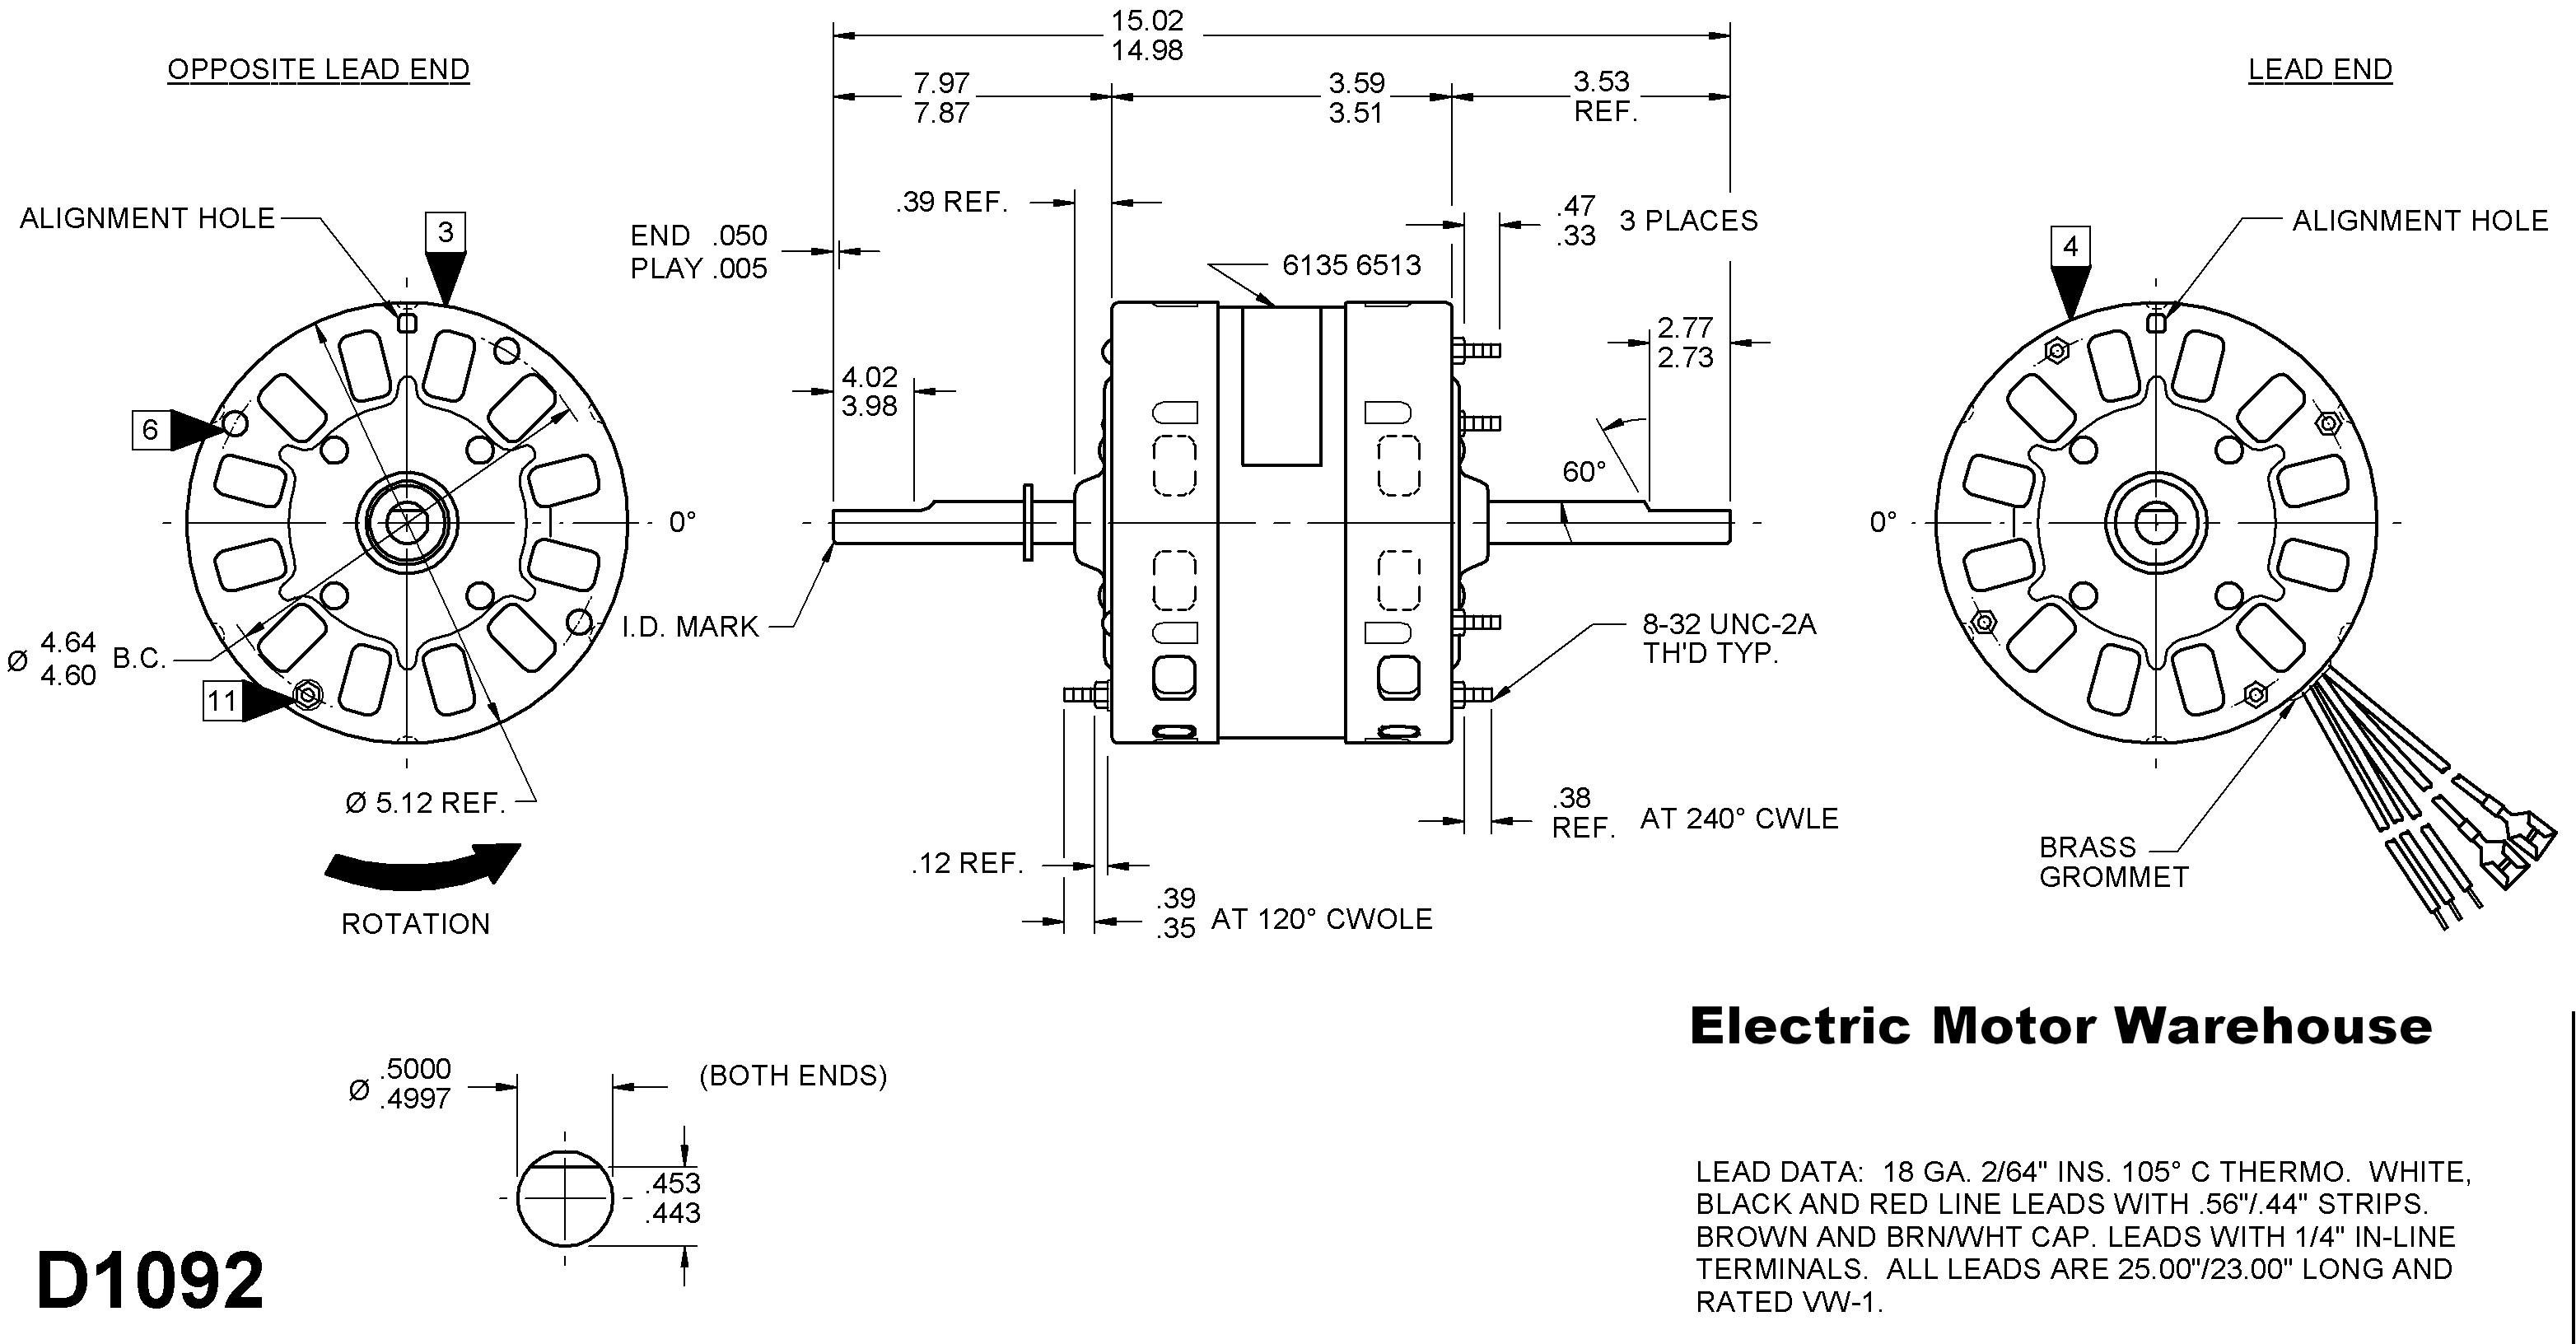 Baldor Motor Wiring Diagrams Single Phase New Dayton Electric Motor Wiring Diagram & Gallery Leeson Motor